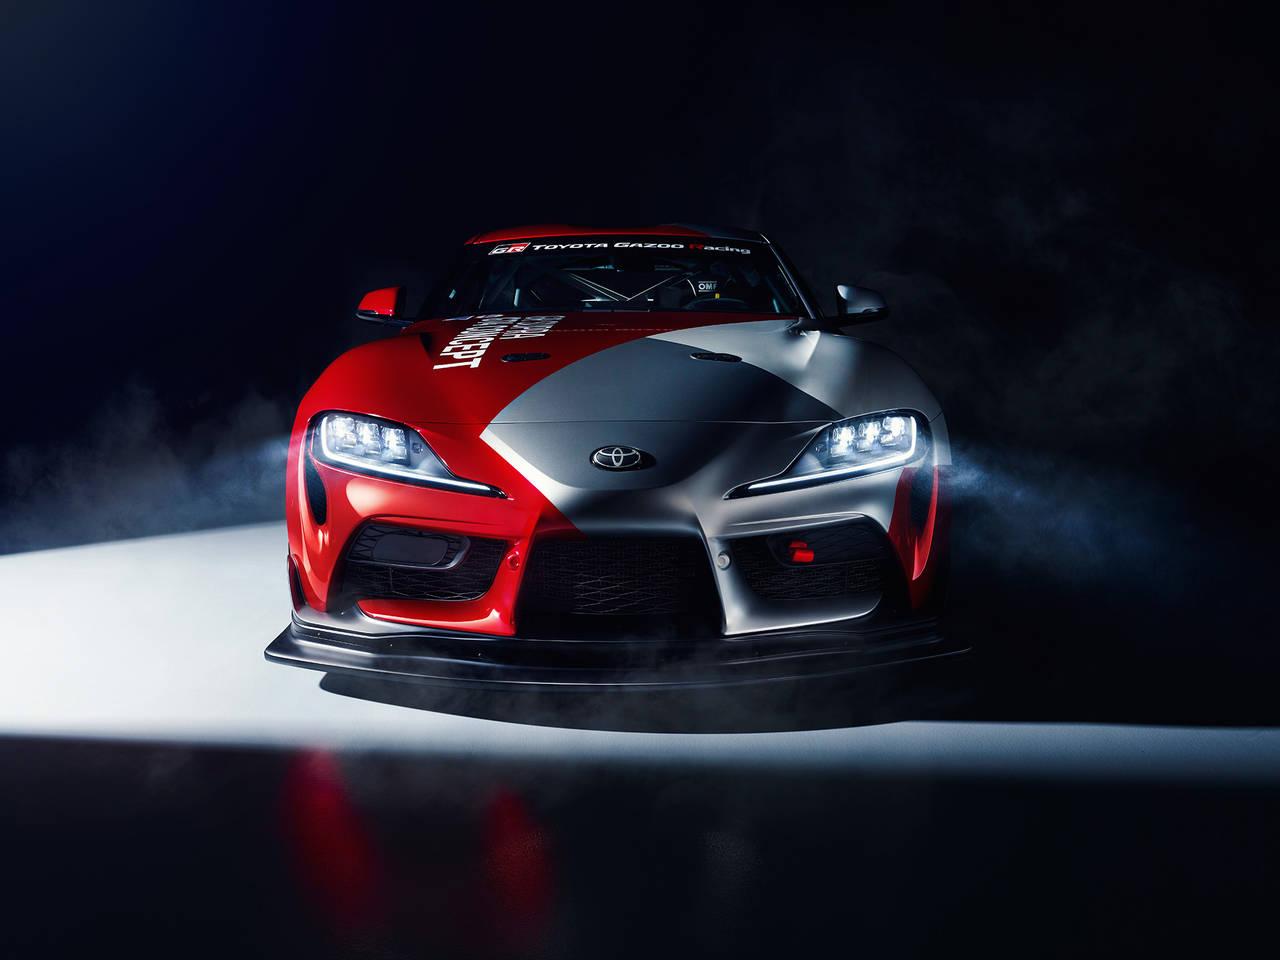 <動画あり>トヨタGR Supra GT4 Conceptを初公開!